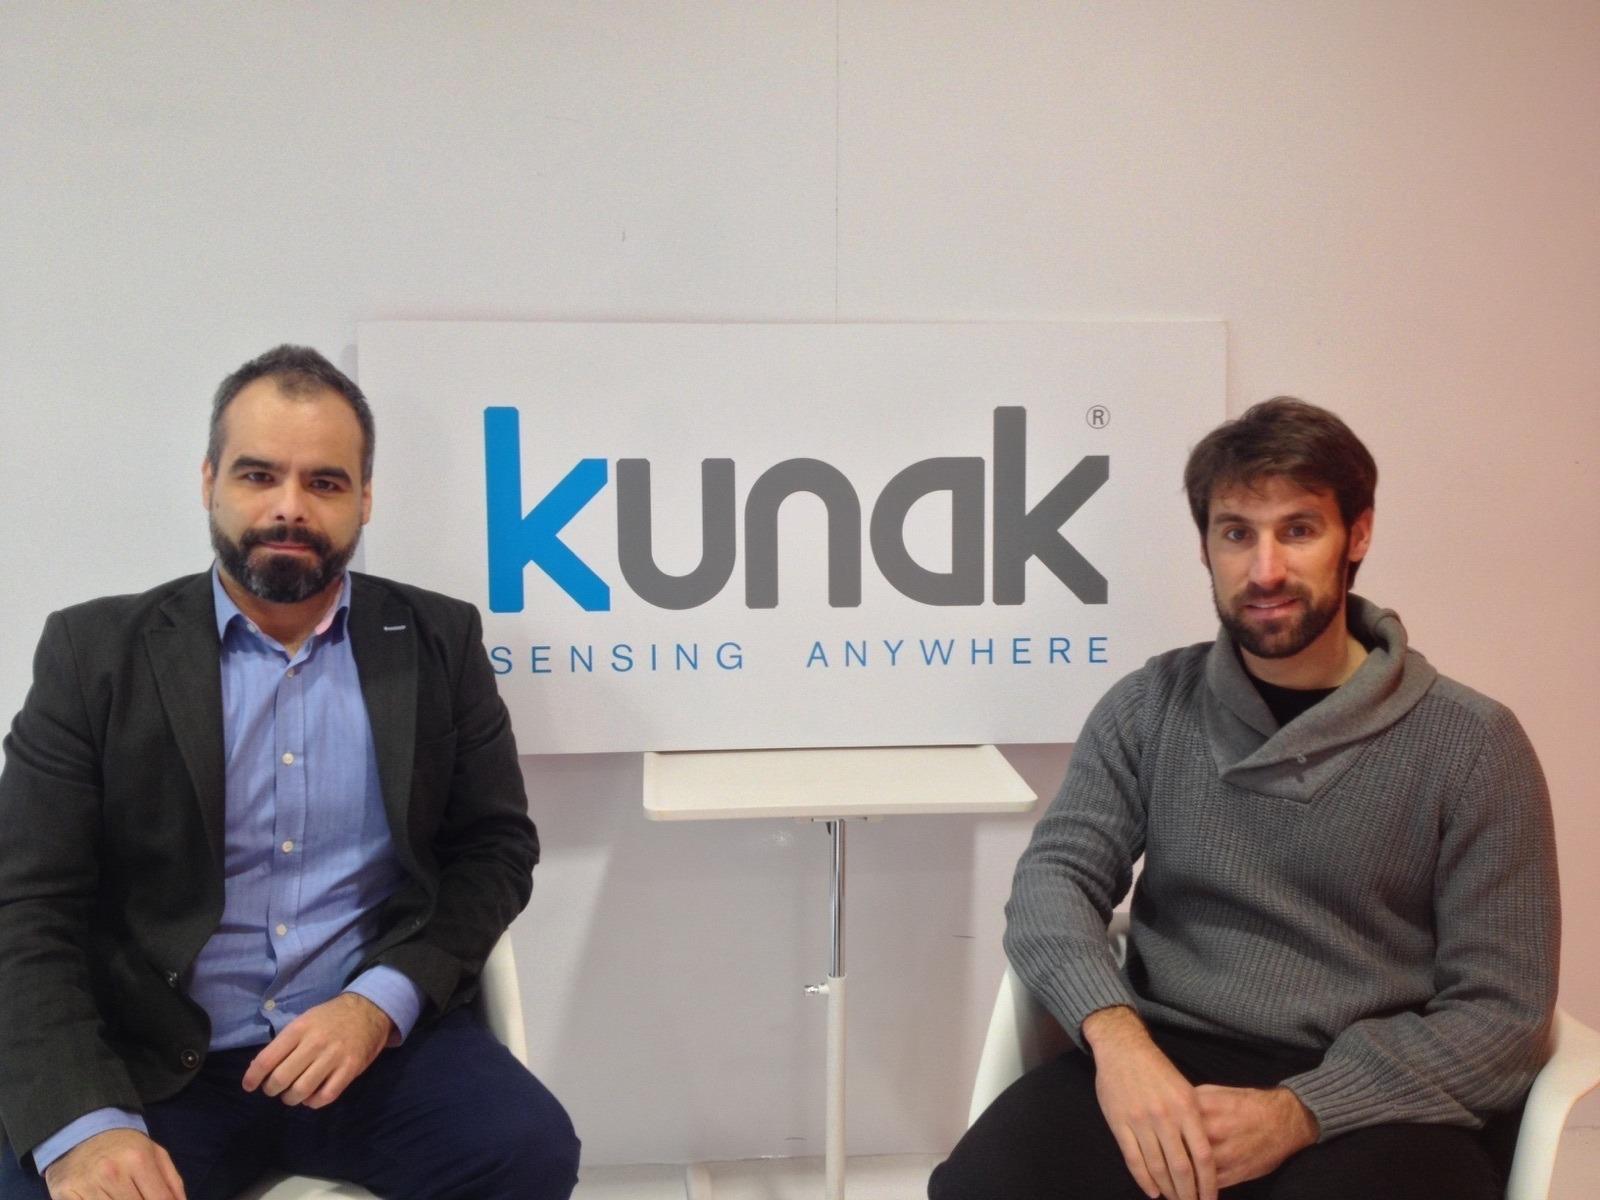 Miguel Escribano y Javier Fernández de Kunak